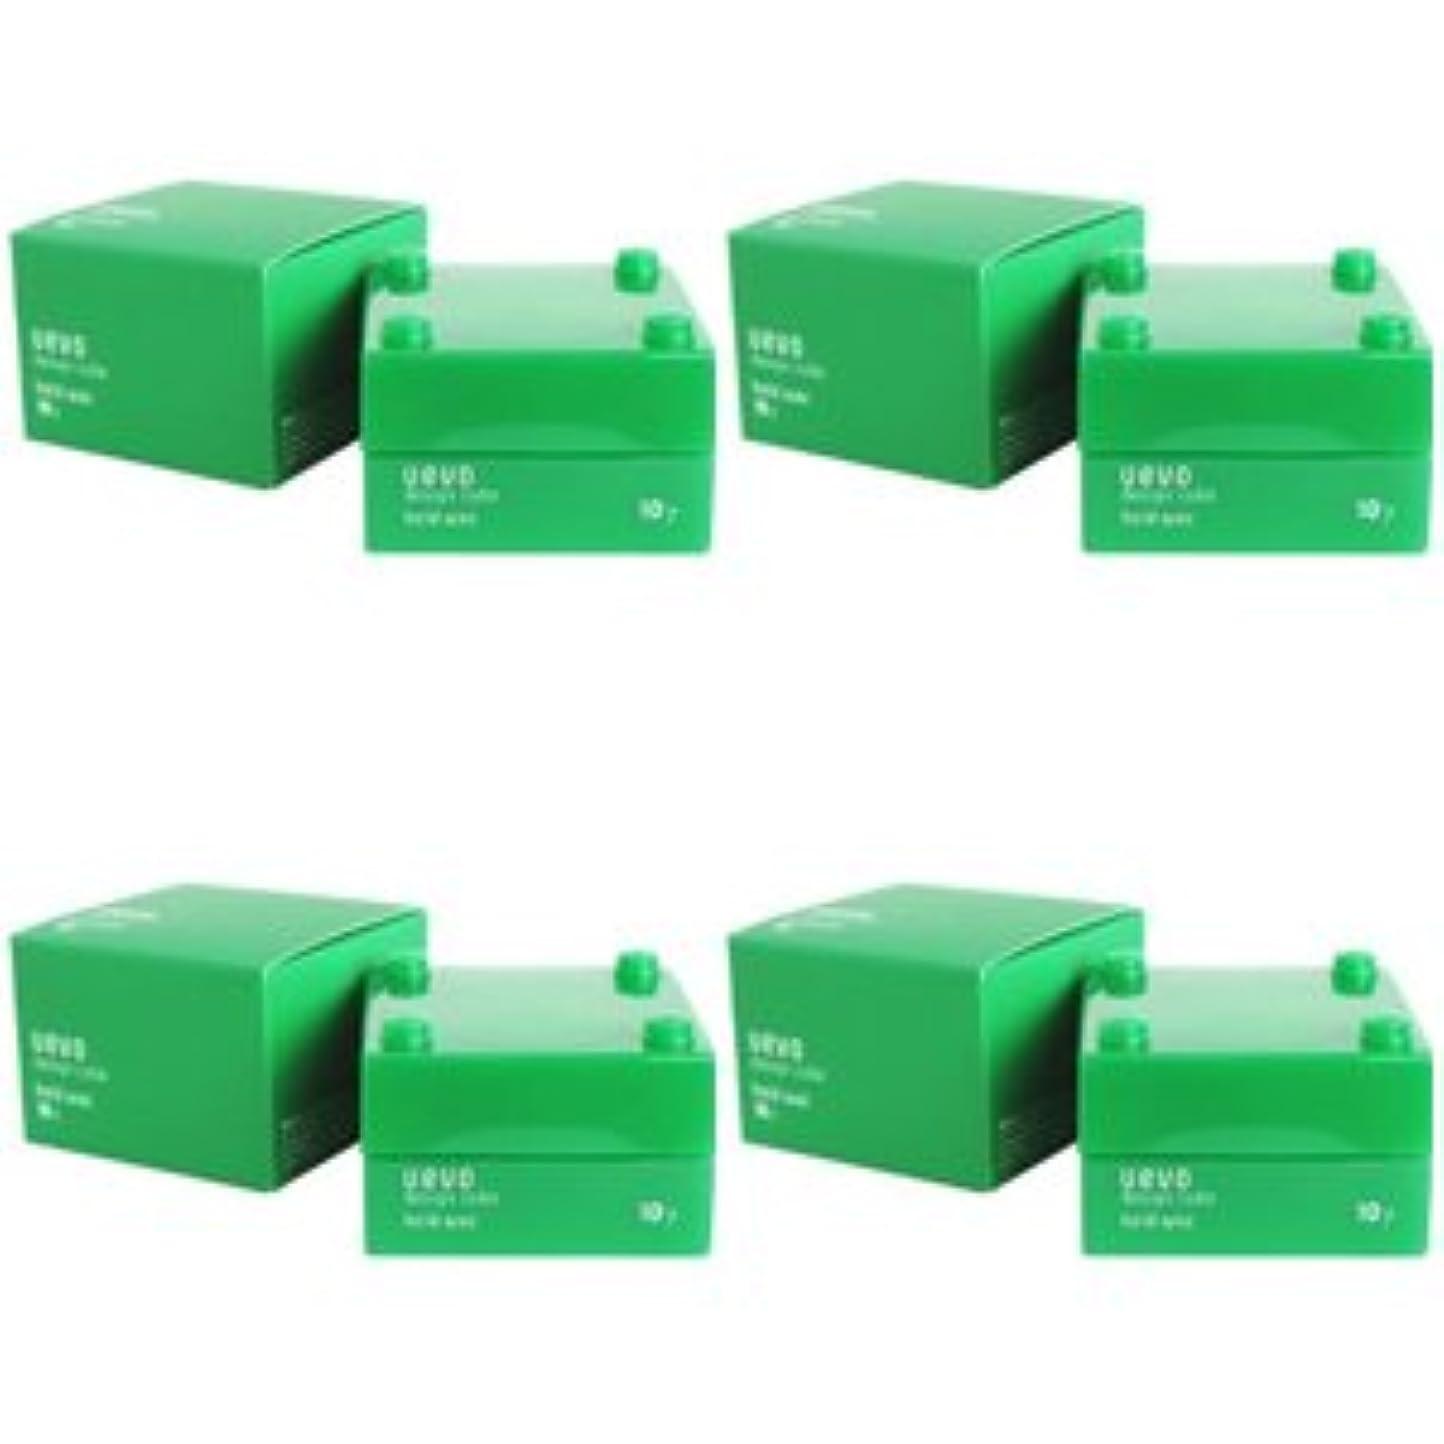 感染する手術暴力【X4個セット】 デミ ウェーボ デザインキューブ ホールドワックス 30g hold wax DEMI uevo design cube